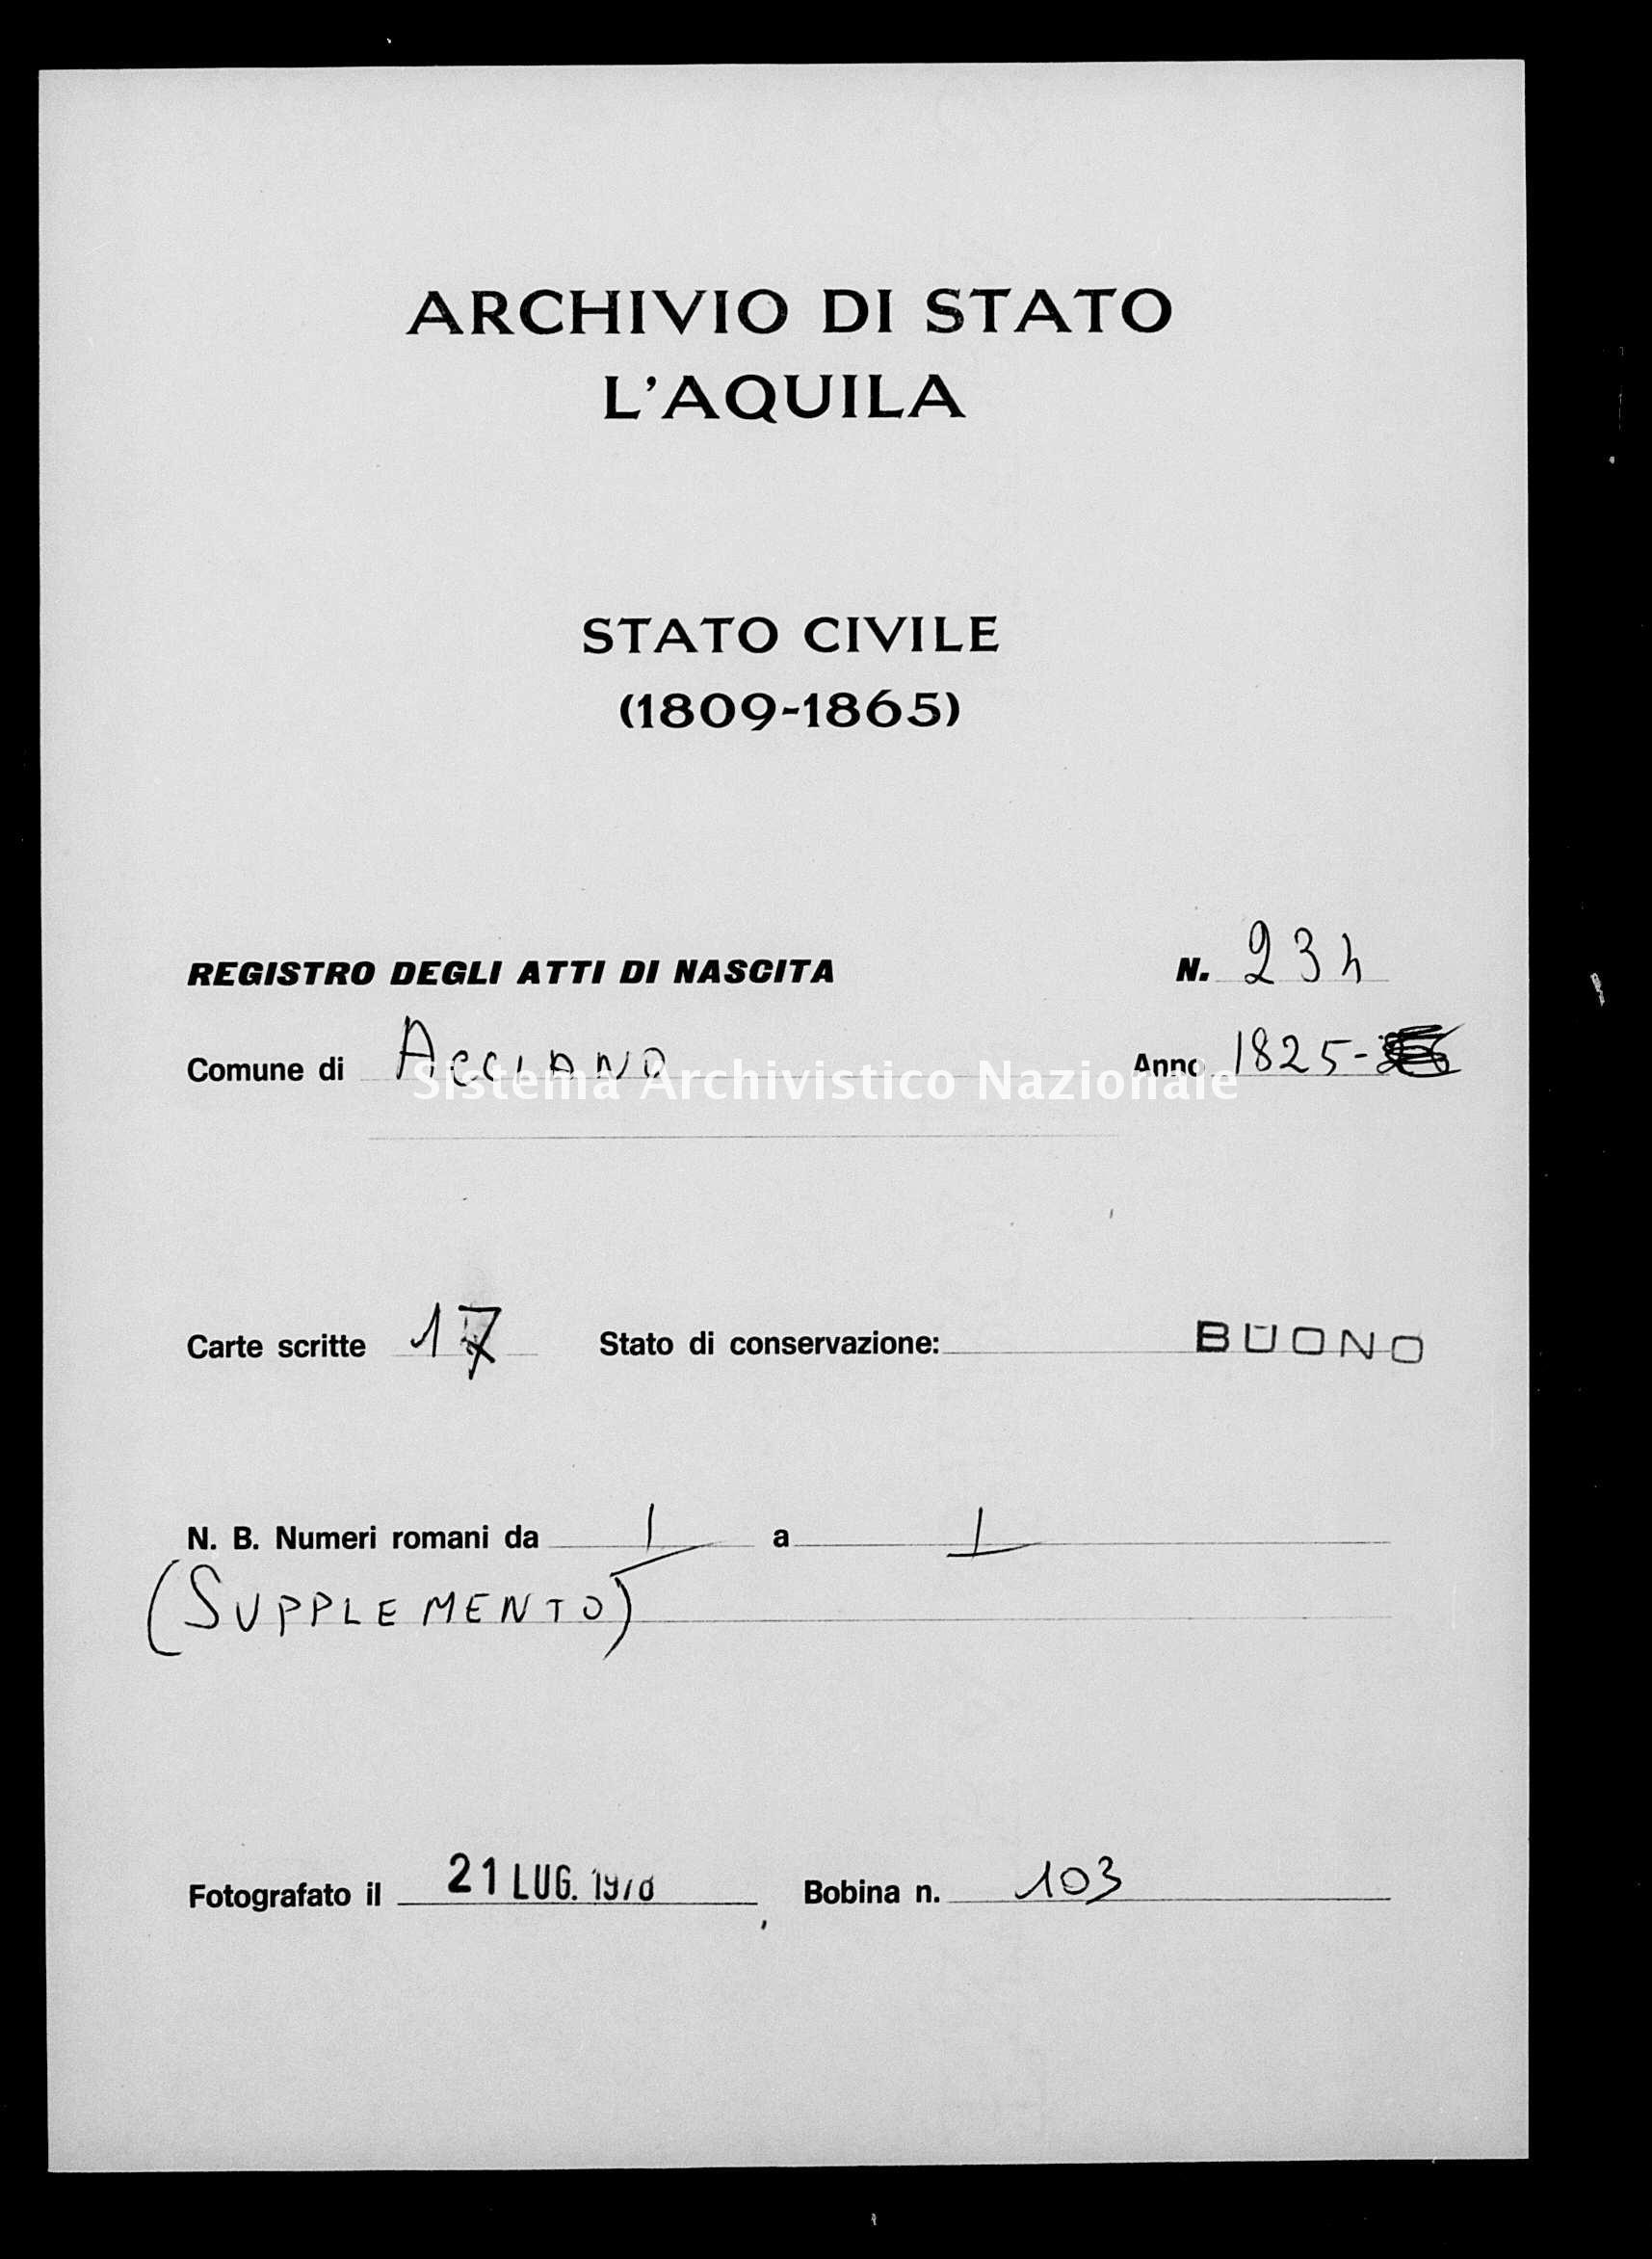 Archivio di stato di L'aquila - Stato civile della restaurazione - Acciano - Nati - 1825 - 234 -